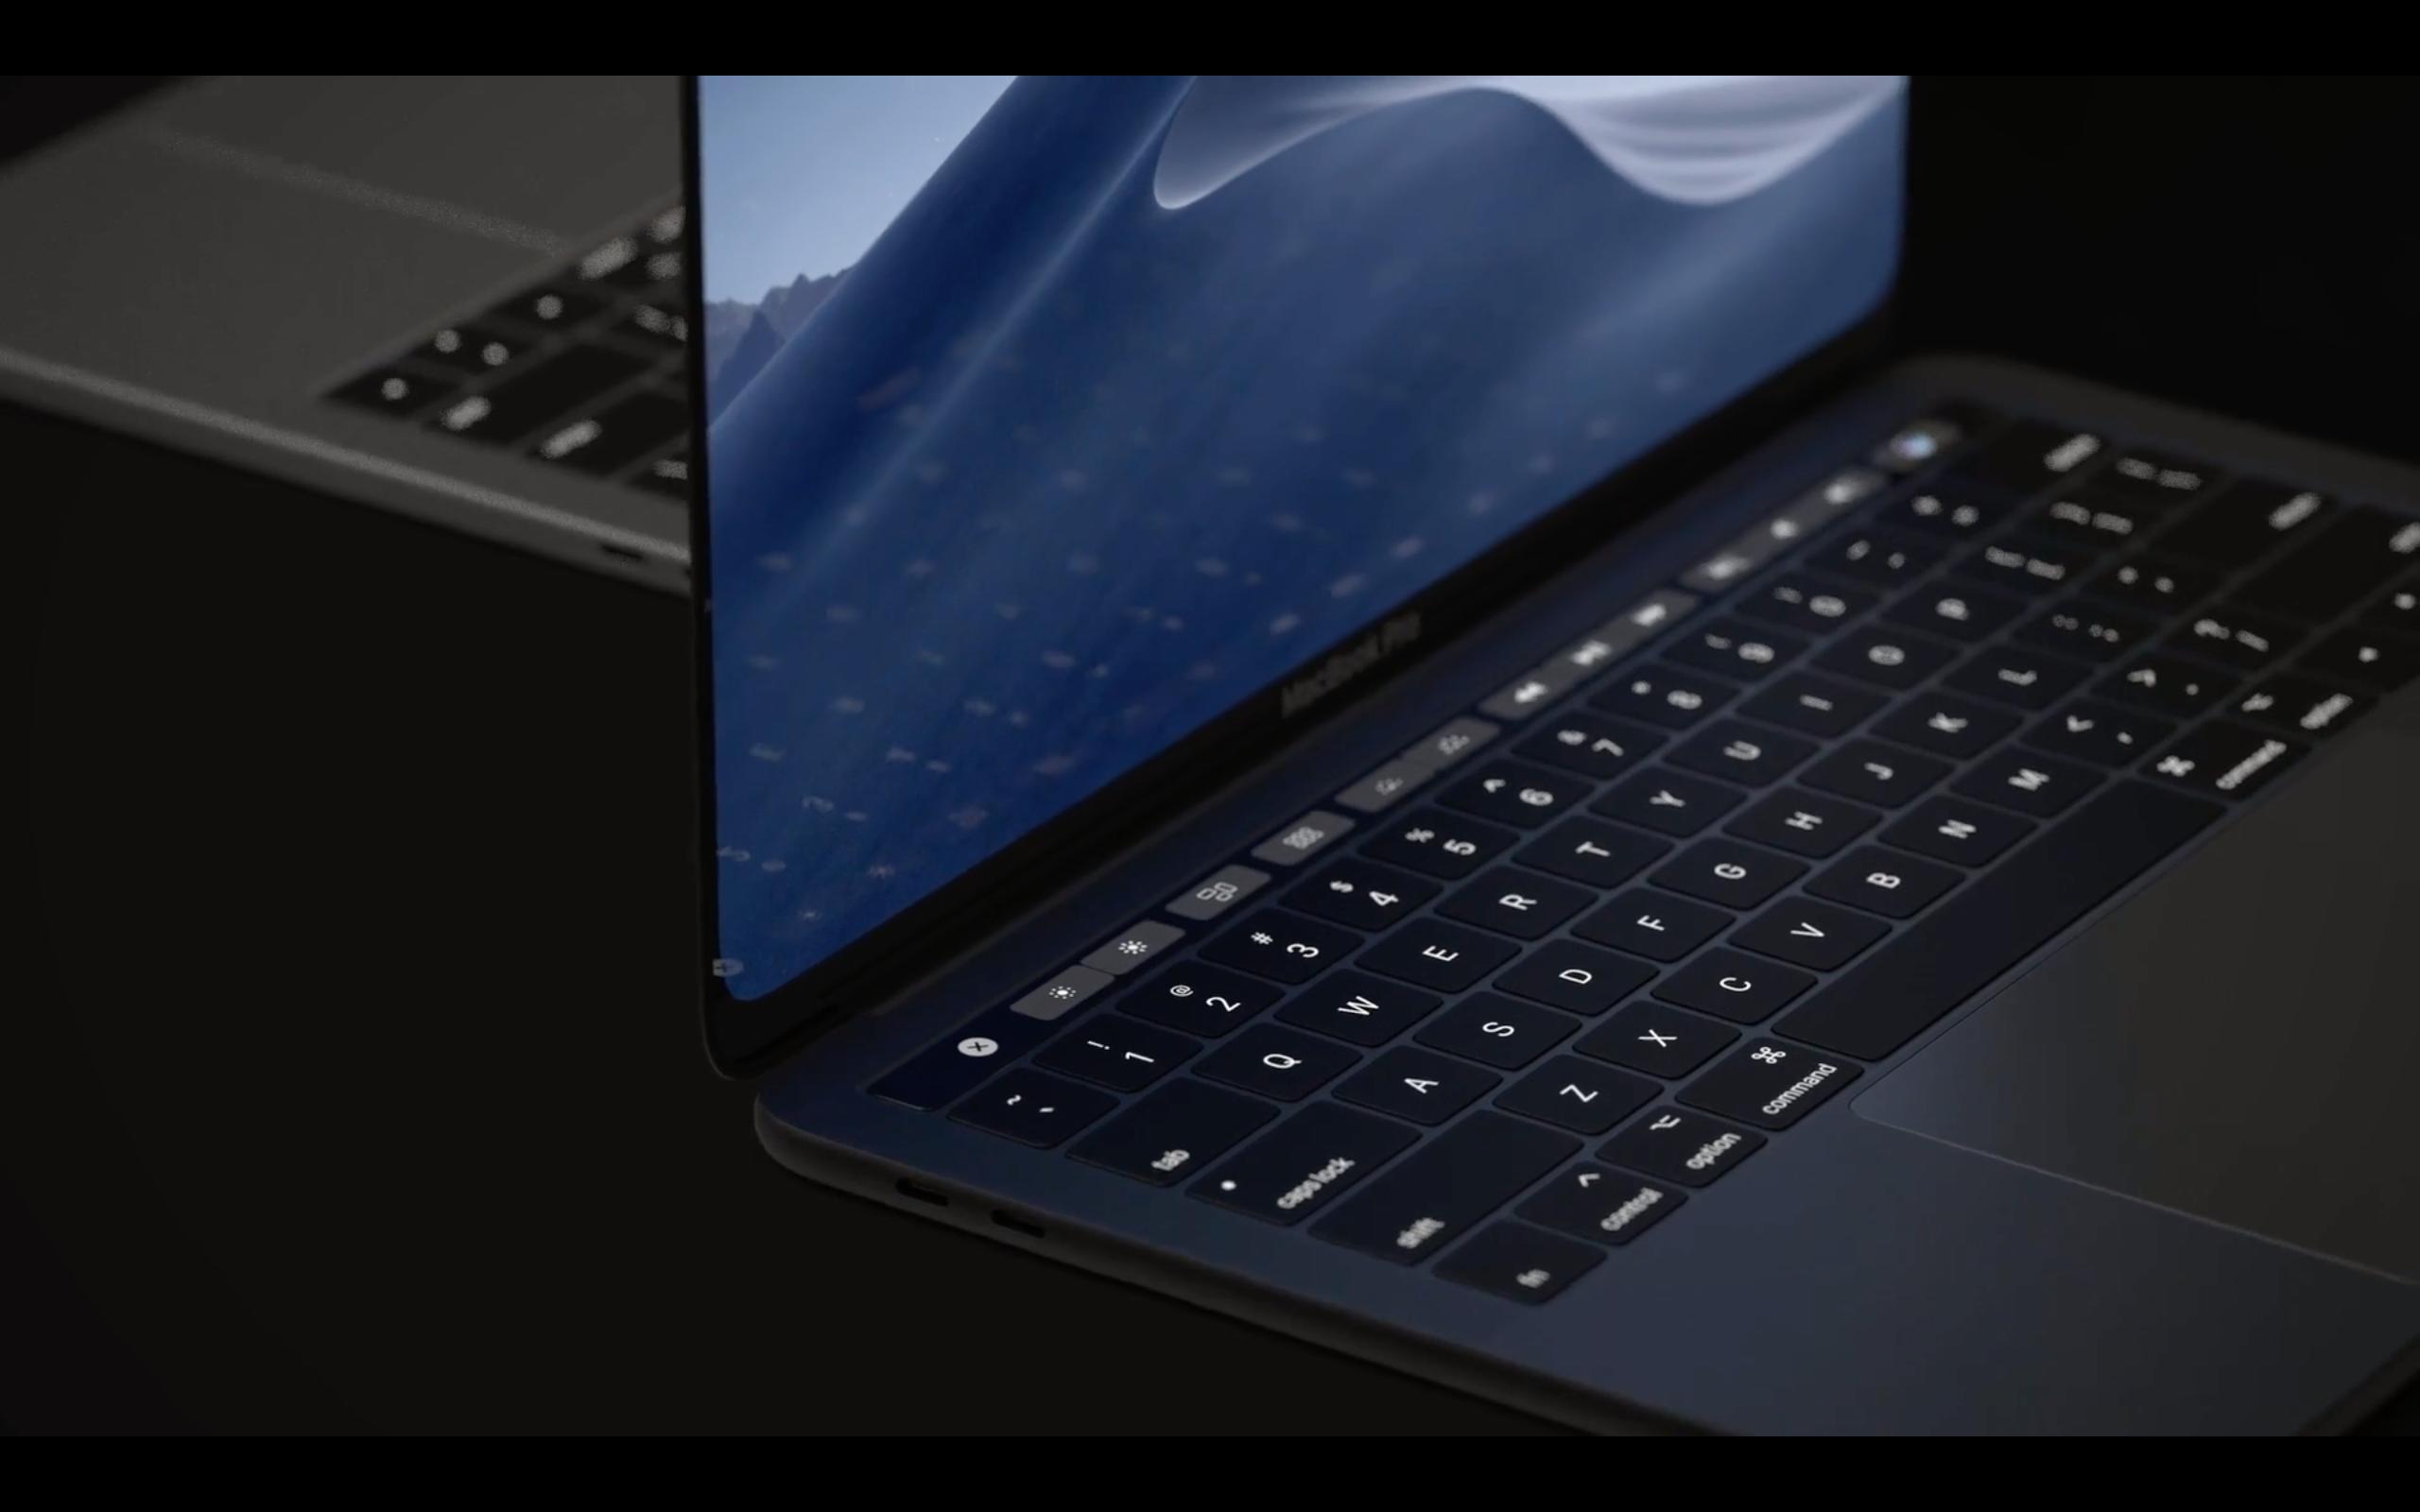 15-17インチの新型 MacBookを2021年までに発表か